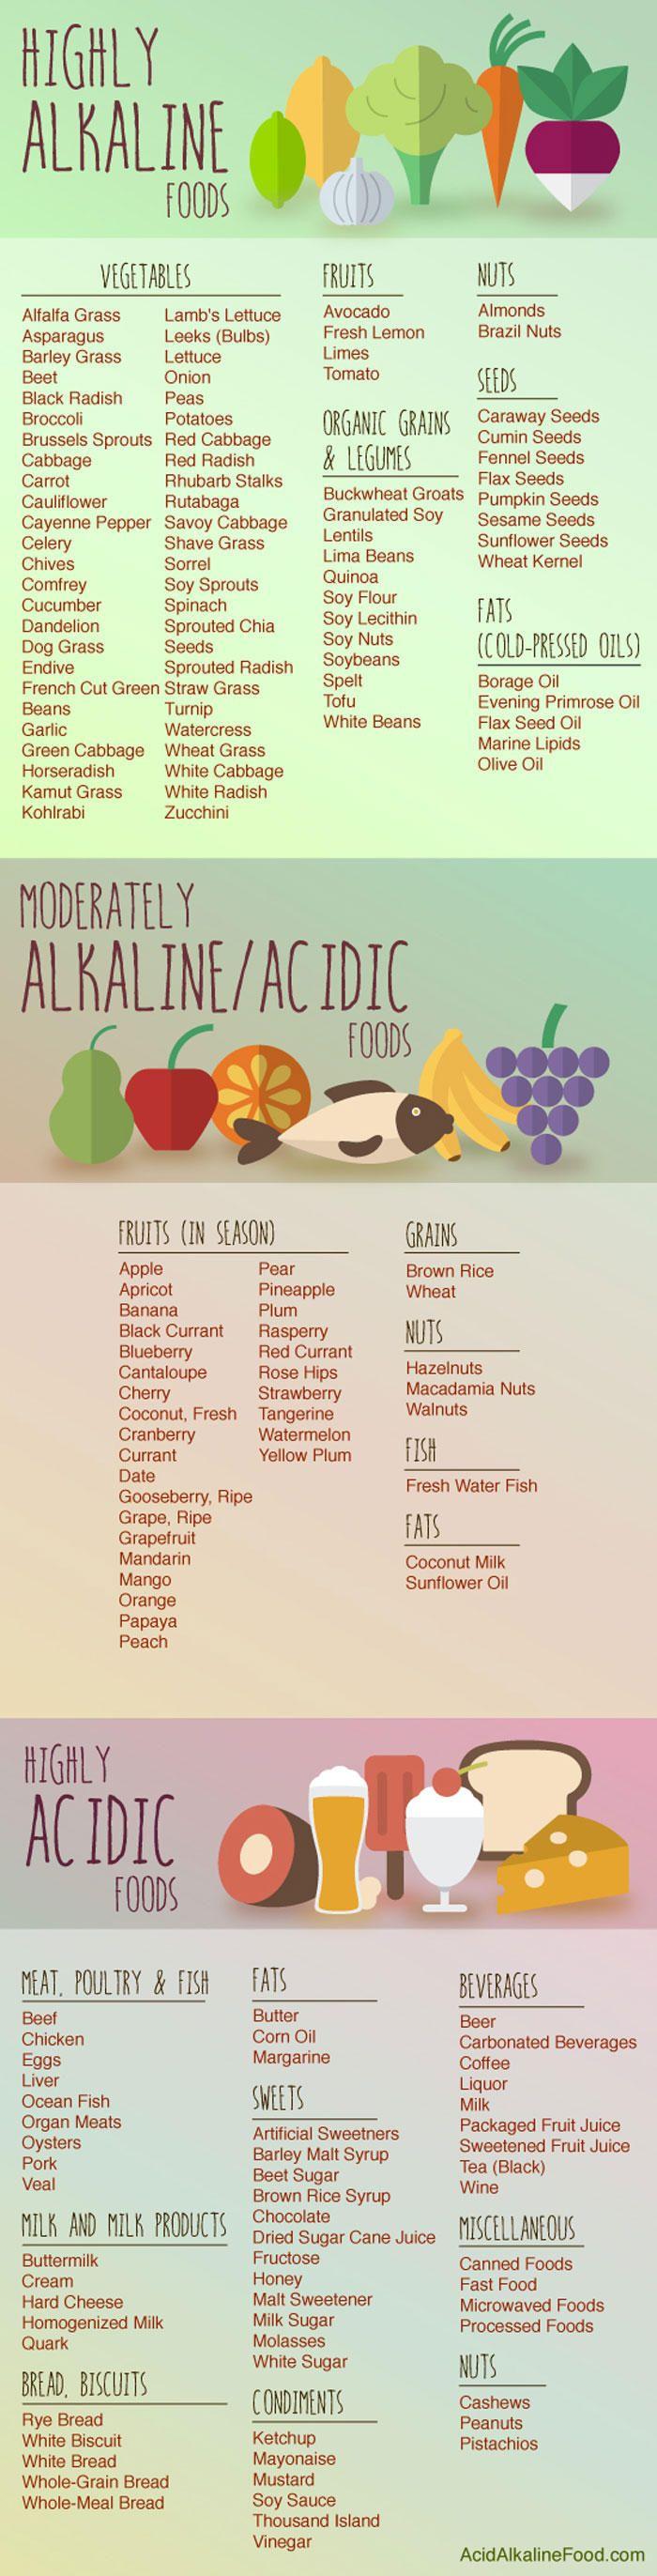 Liste des aliments alcalins